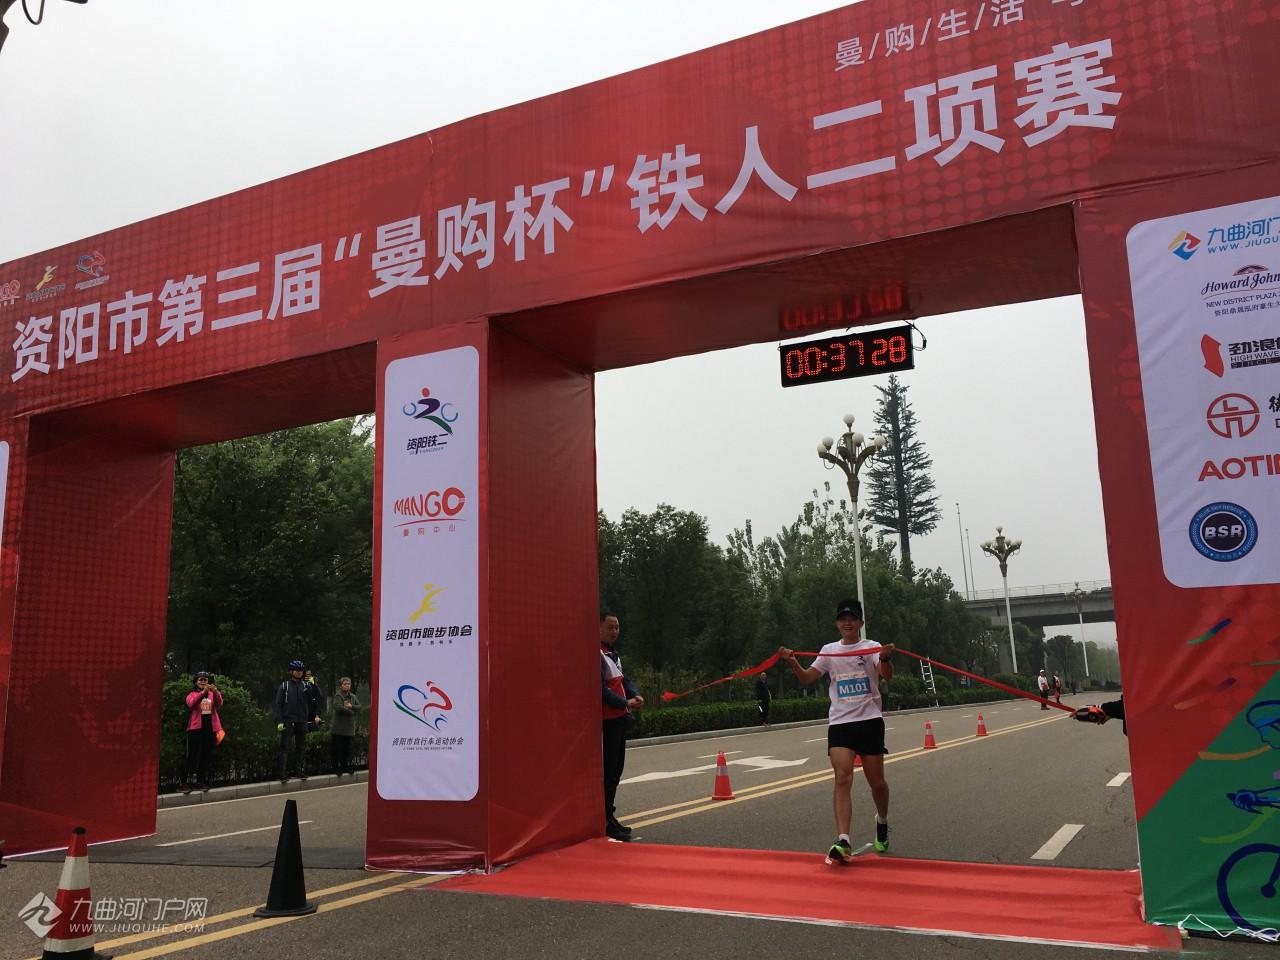 资阳市第三届铁人二项赛今天举行,重庆小伙以1小时38分23秒成绩摘全能冠军! ... ... ...